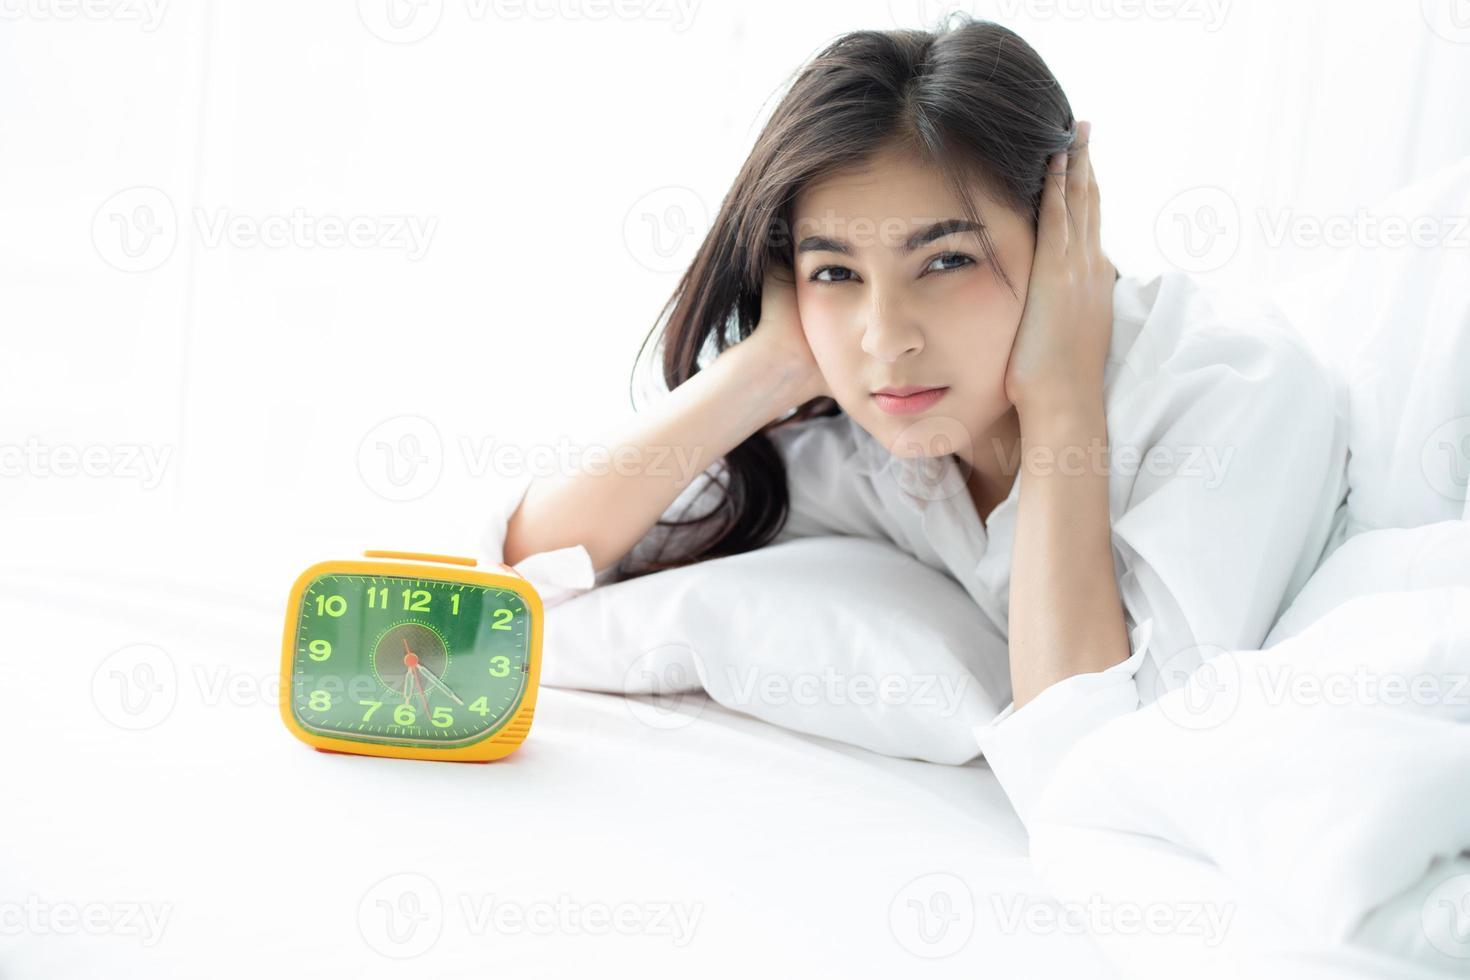 mulher asiática odeia acordar de manhã cedo. menina com sono olhando para o despertador e tentando se esconder debaixo do travesseiro foto